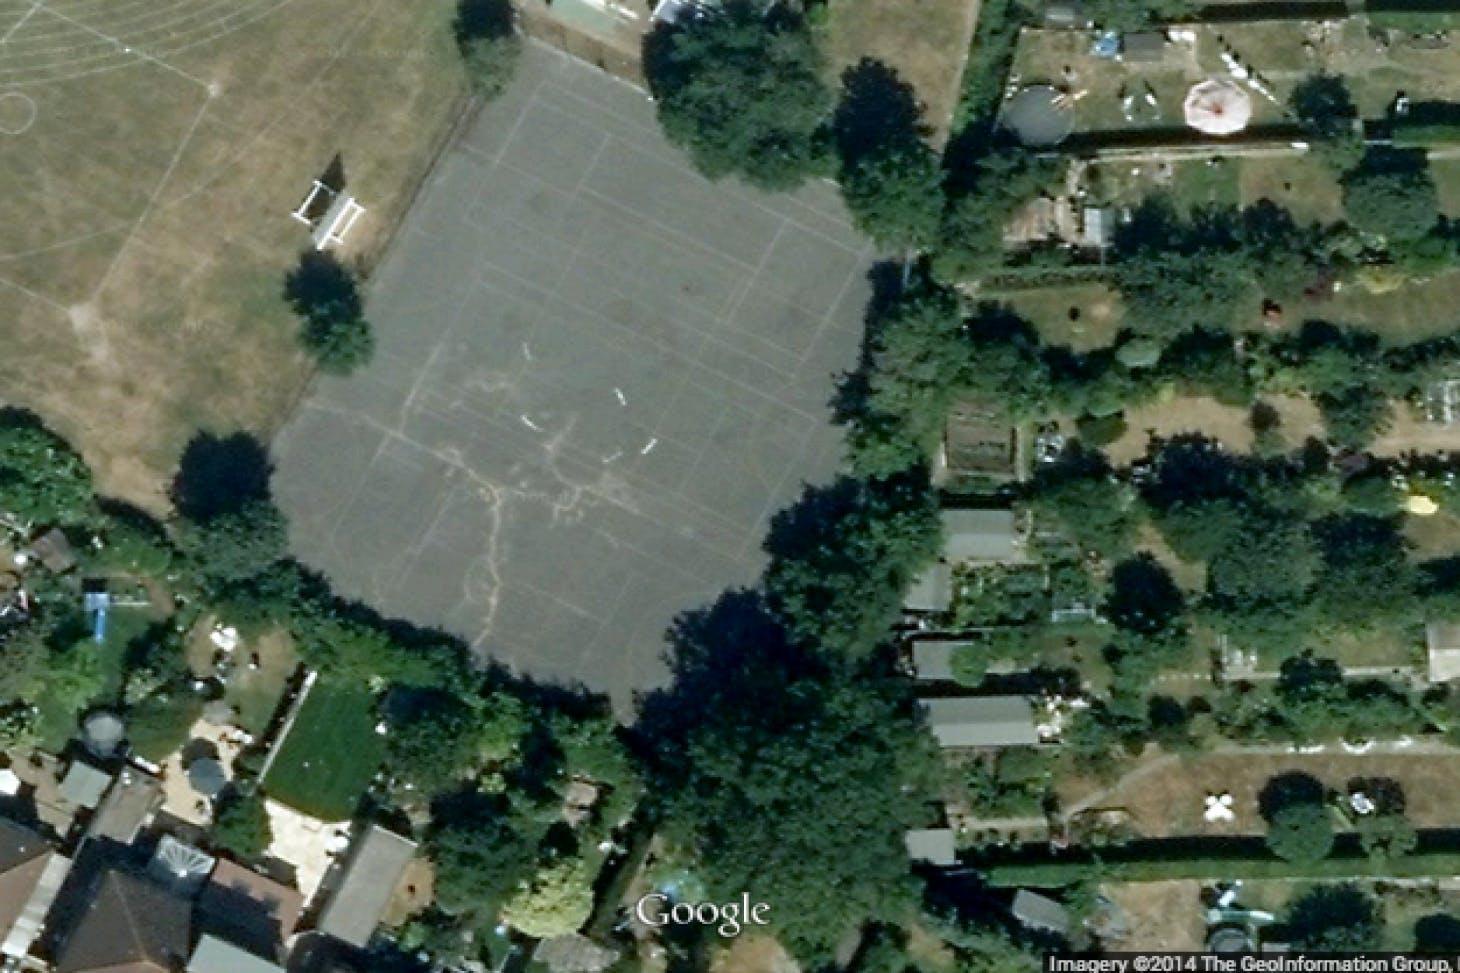 King Edward Recreation Ground Outdoor   Hard (macadam) tennis court